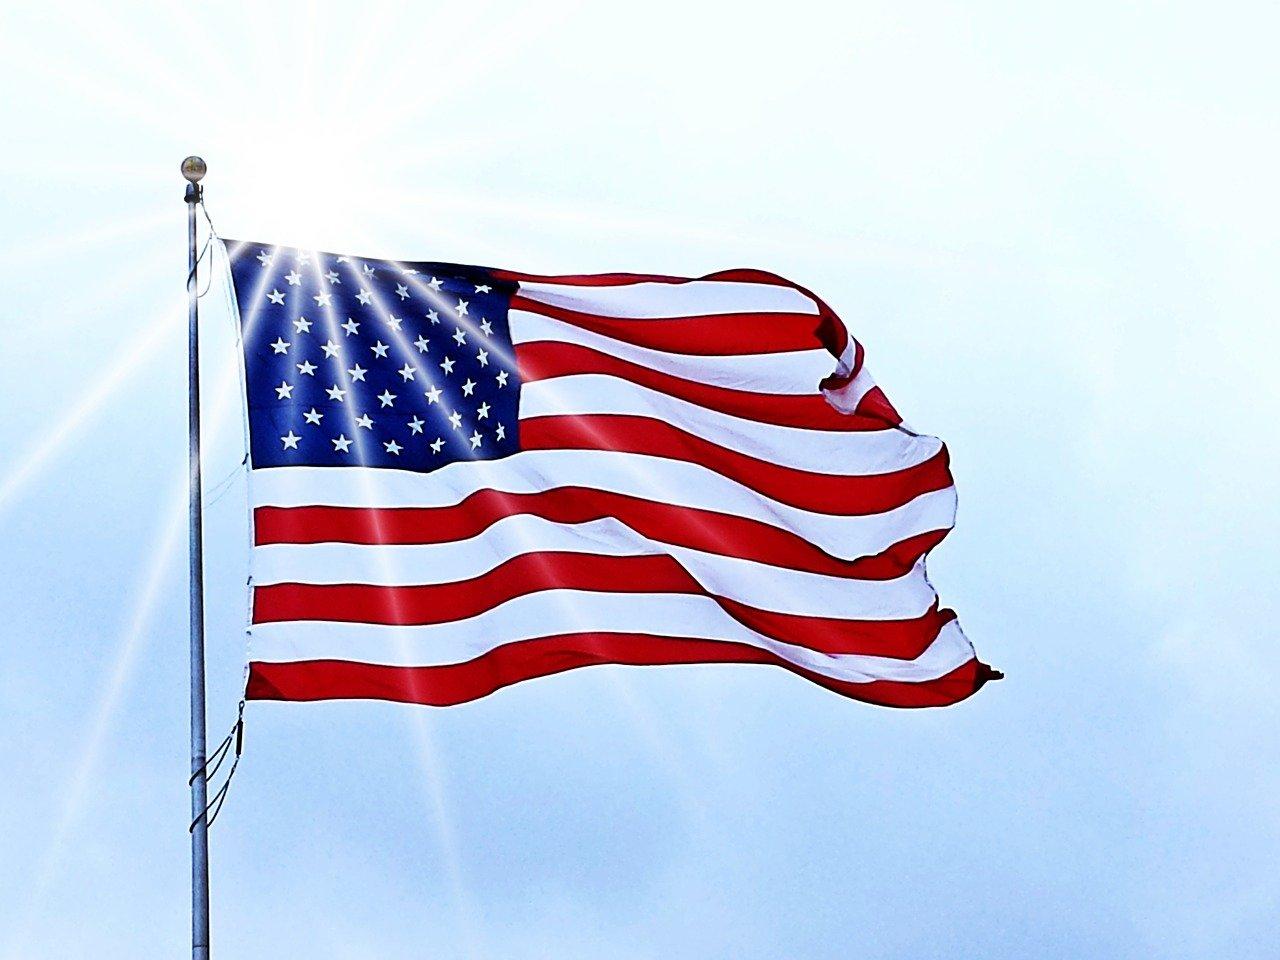 usa flag, flag, usa